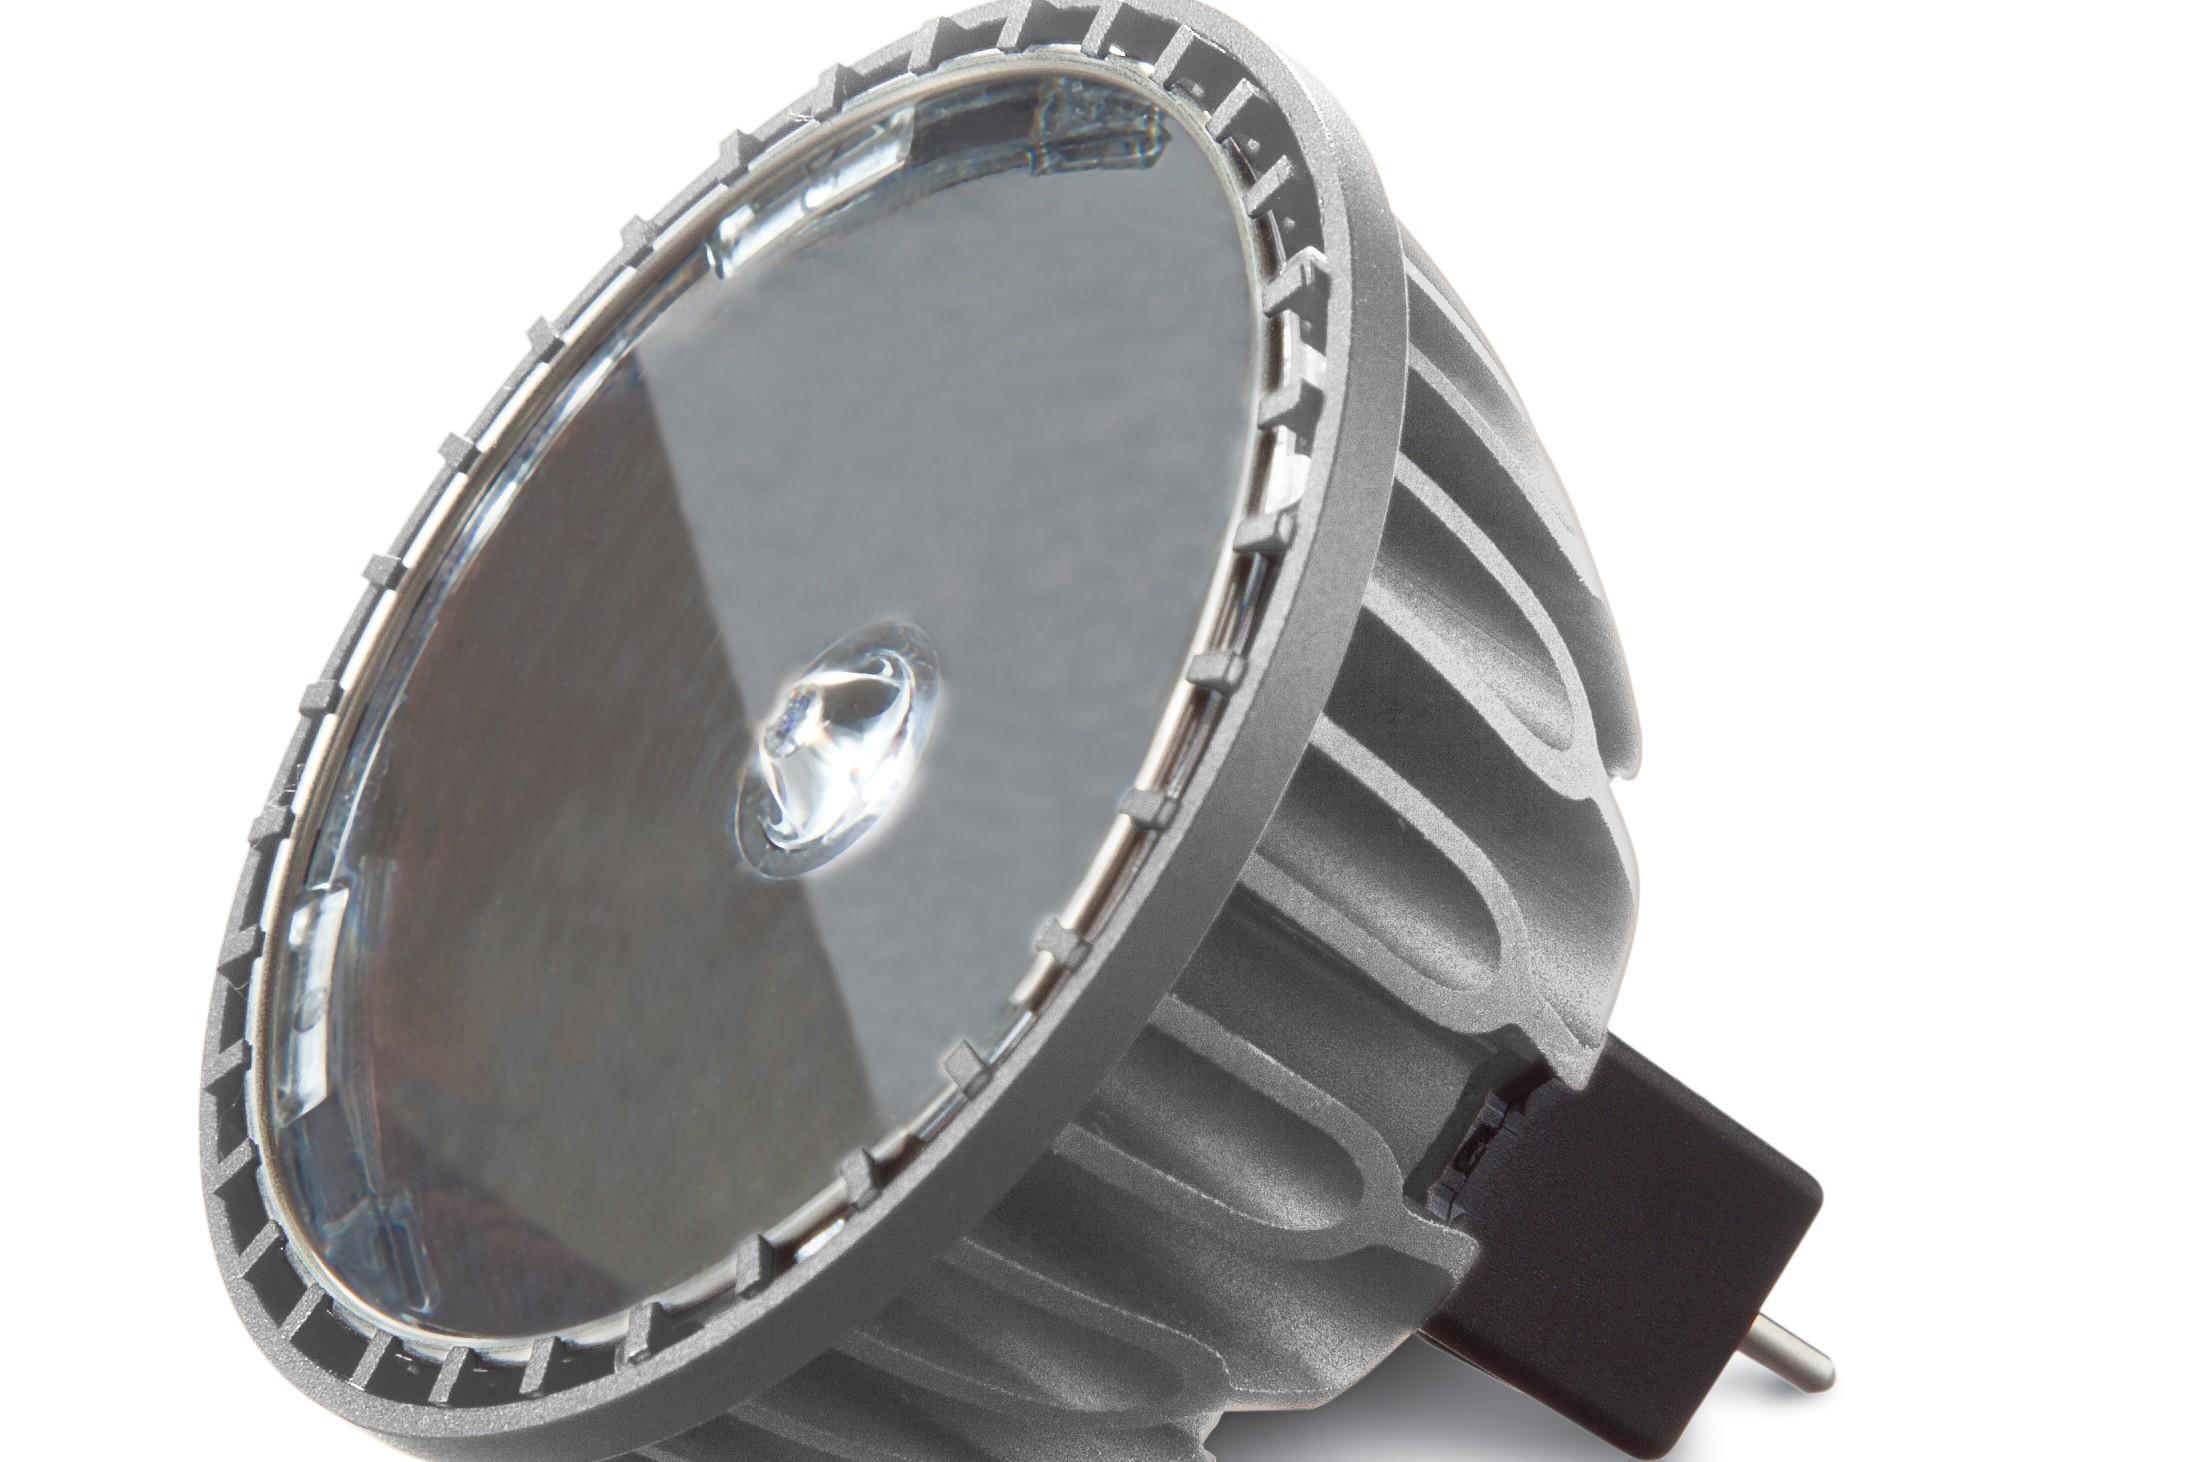 Soraa's LED lamp, image courtesy of Soraa